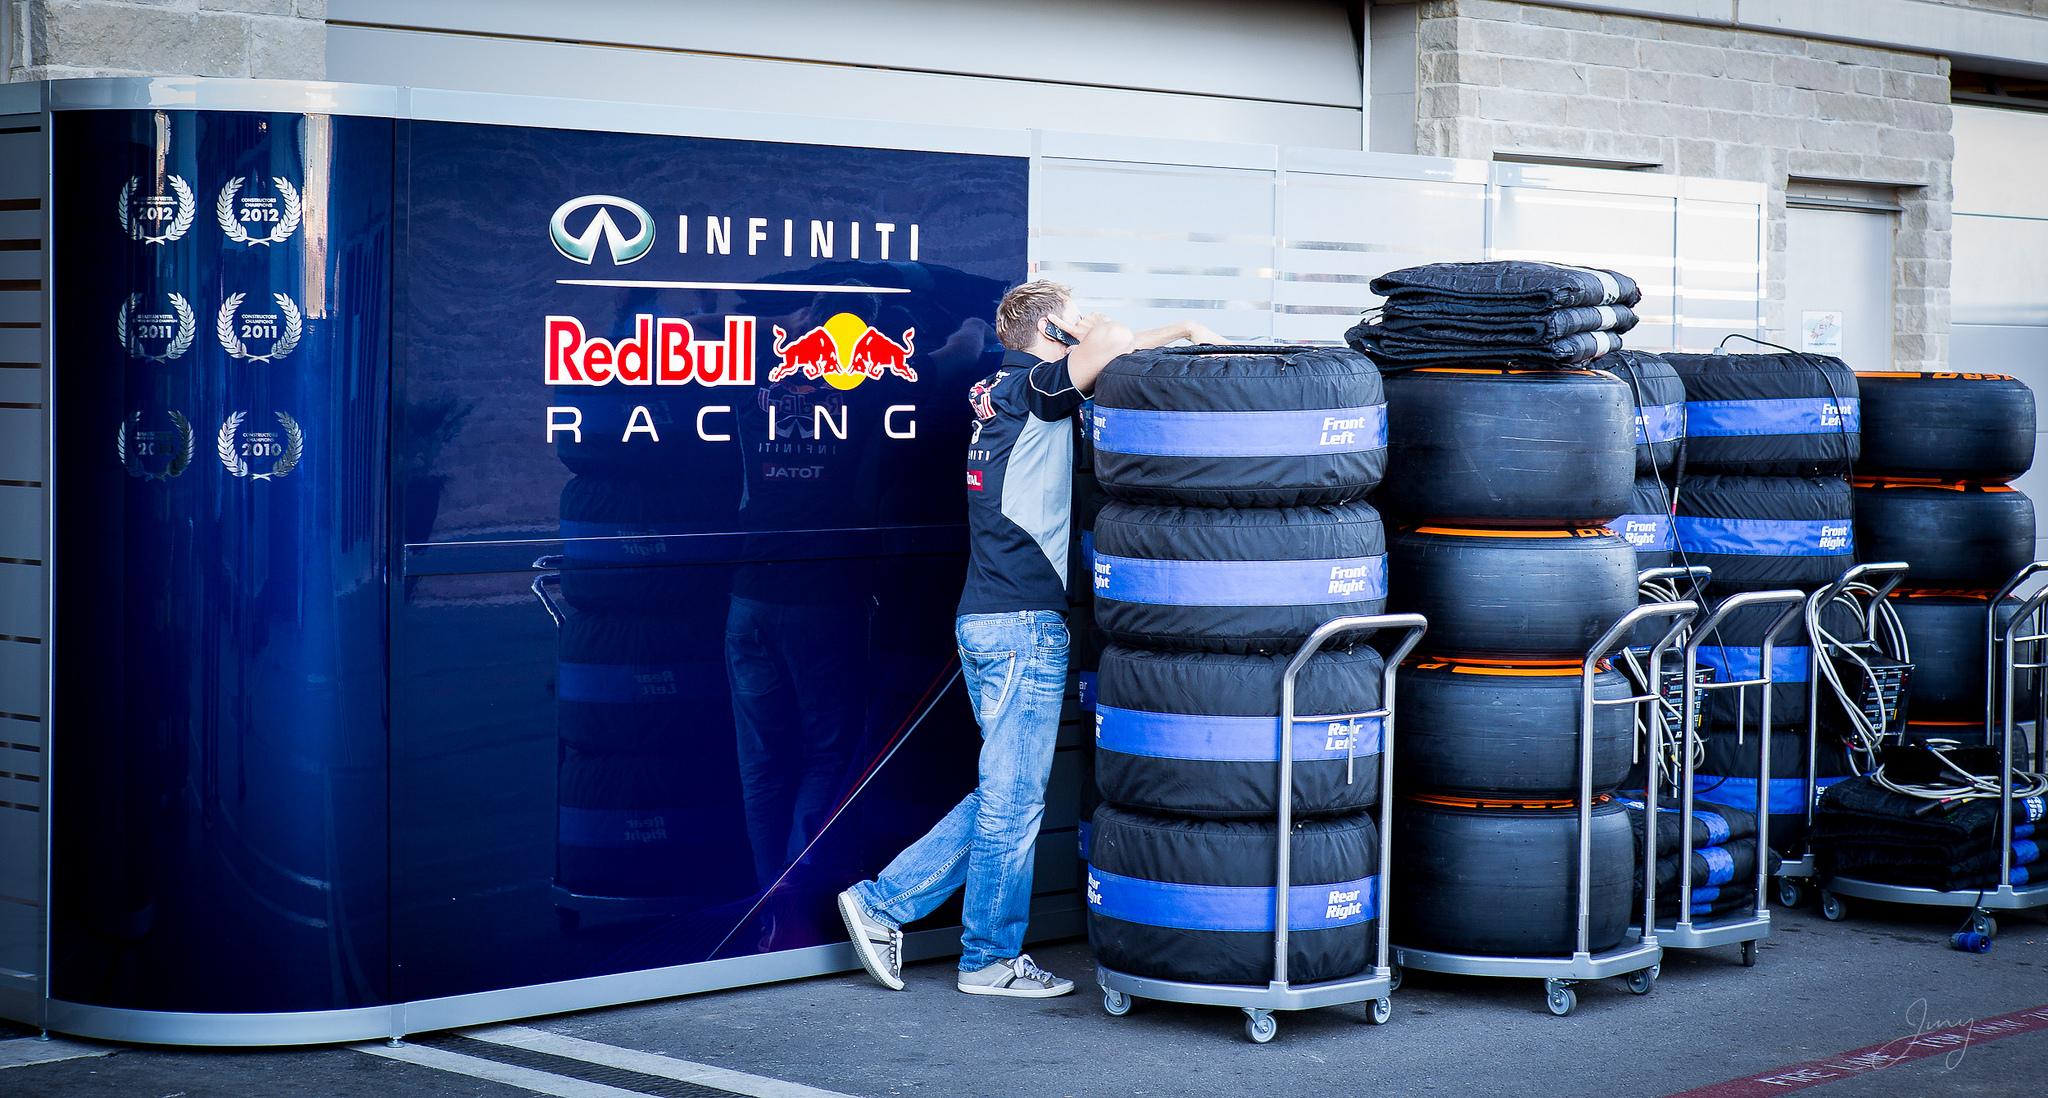 Sebastian Vettel Hides in Tires